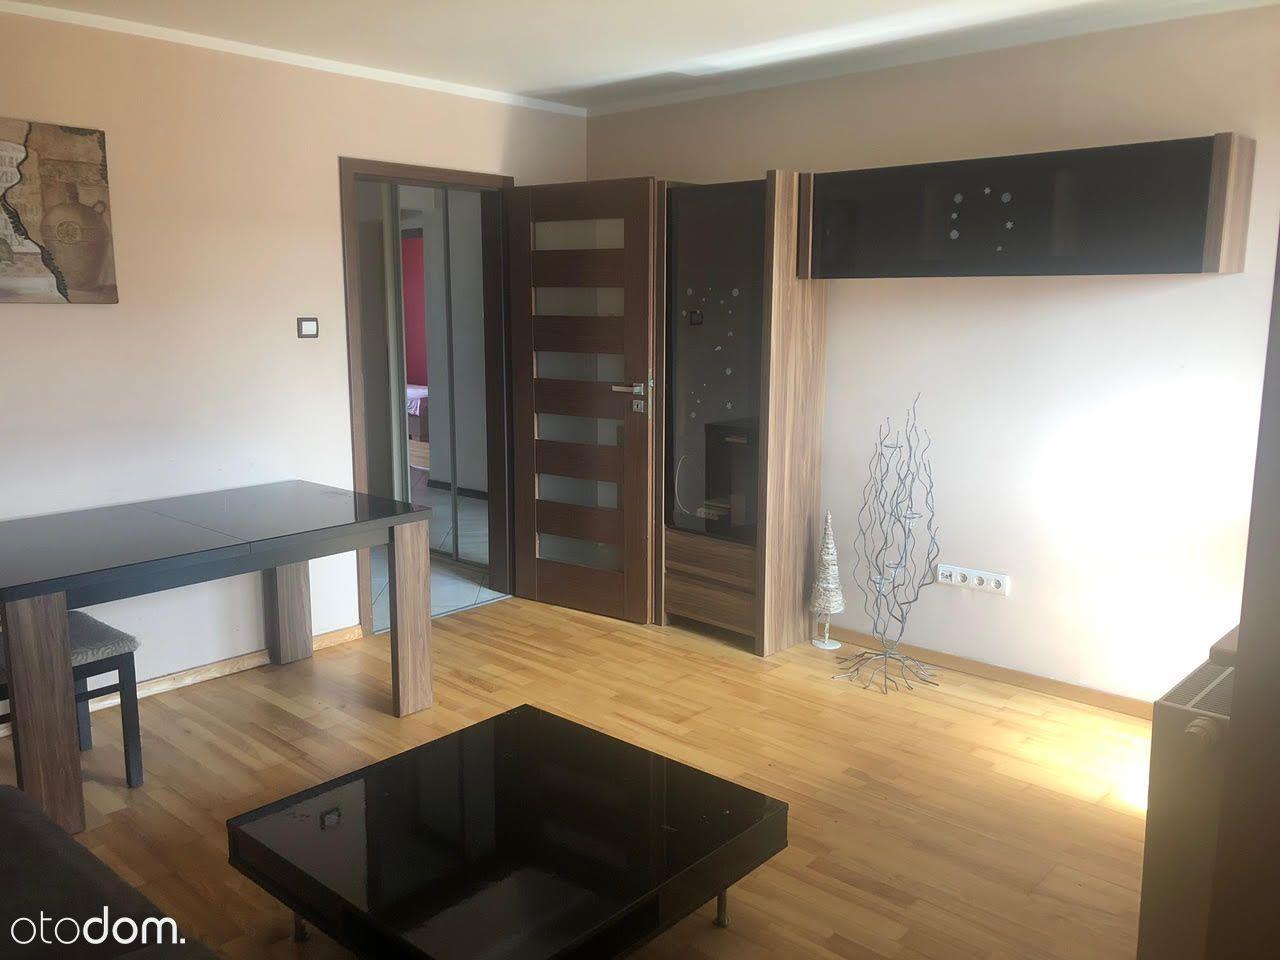 Ustawne przestronne mieszkanie 66,15m2 ul. Łagodna